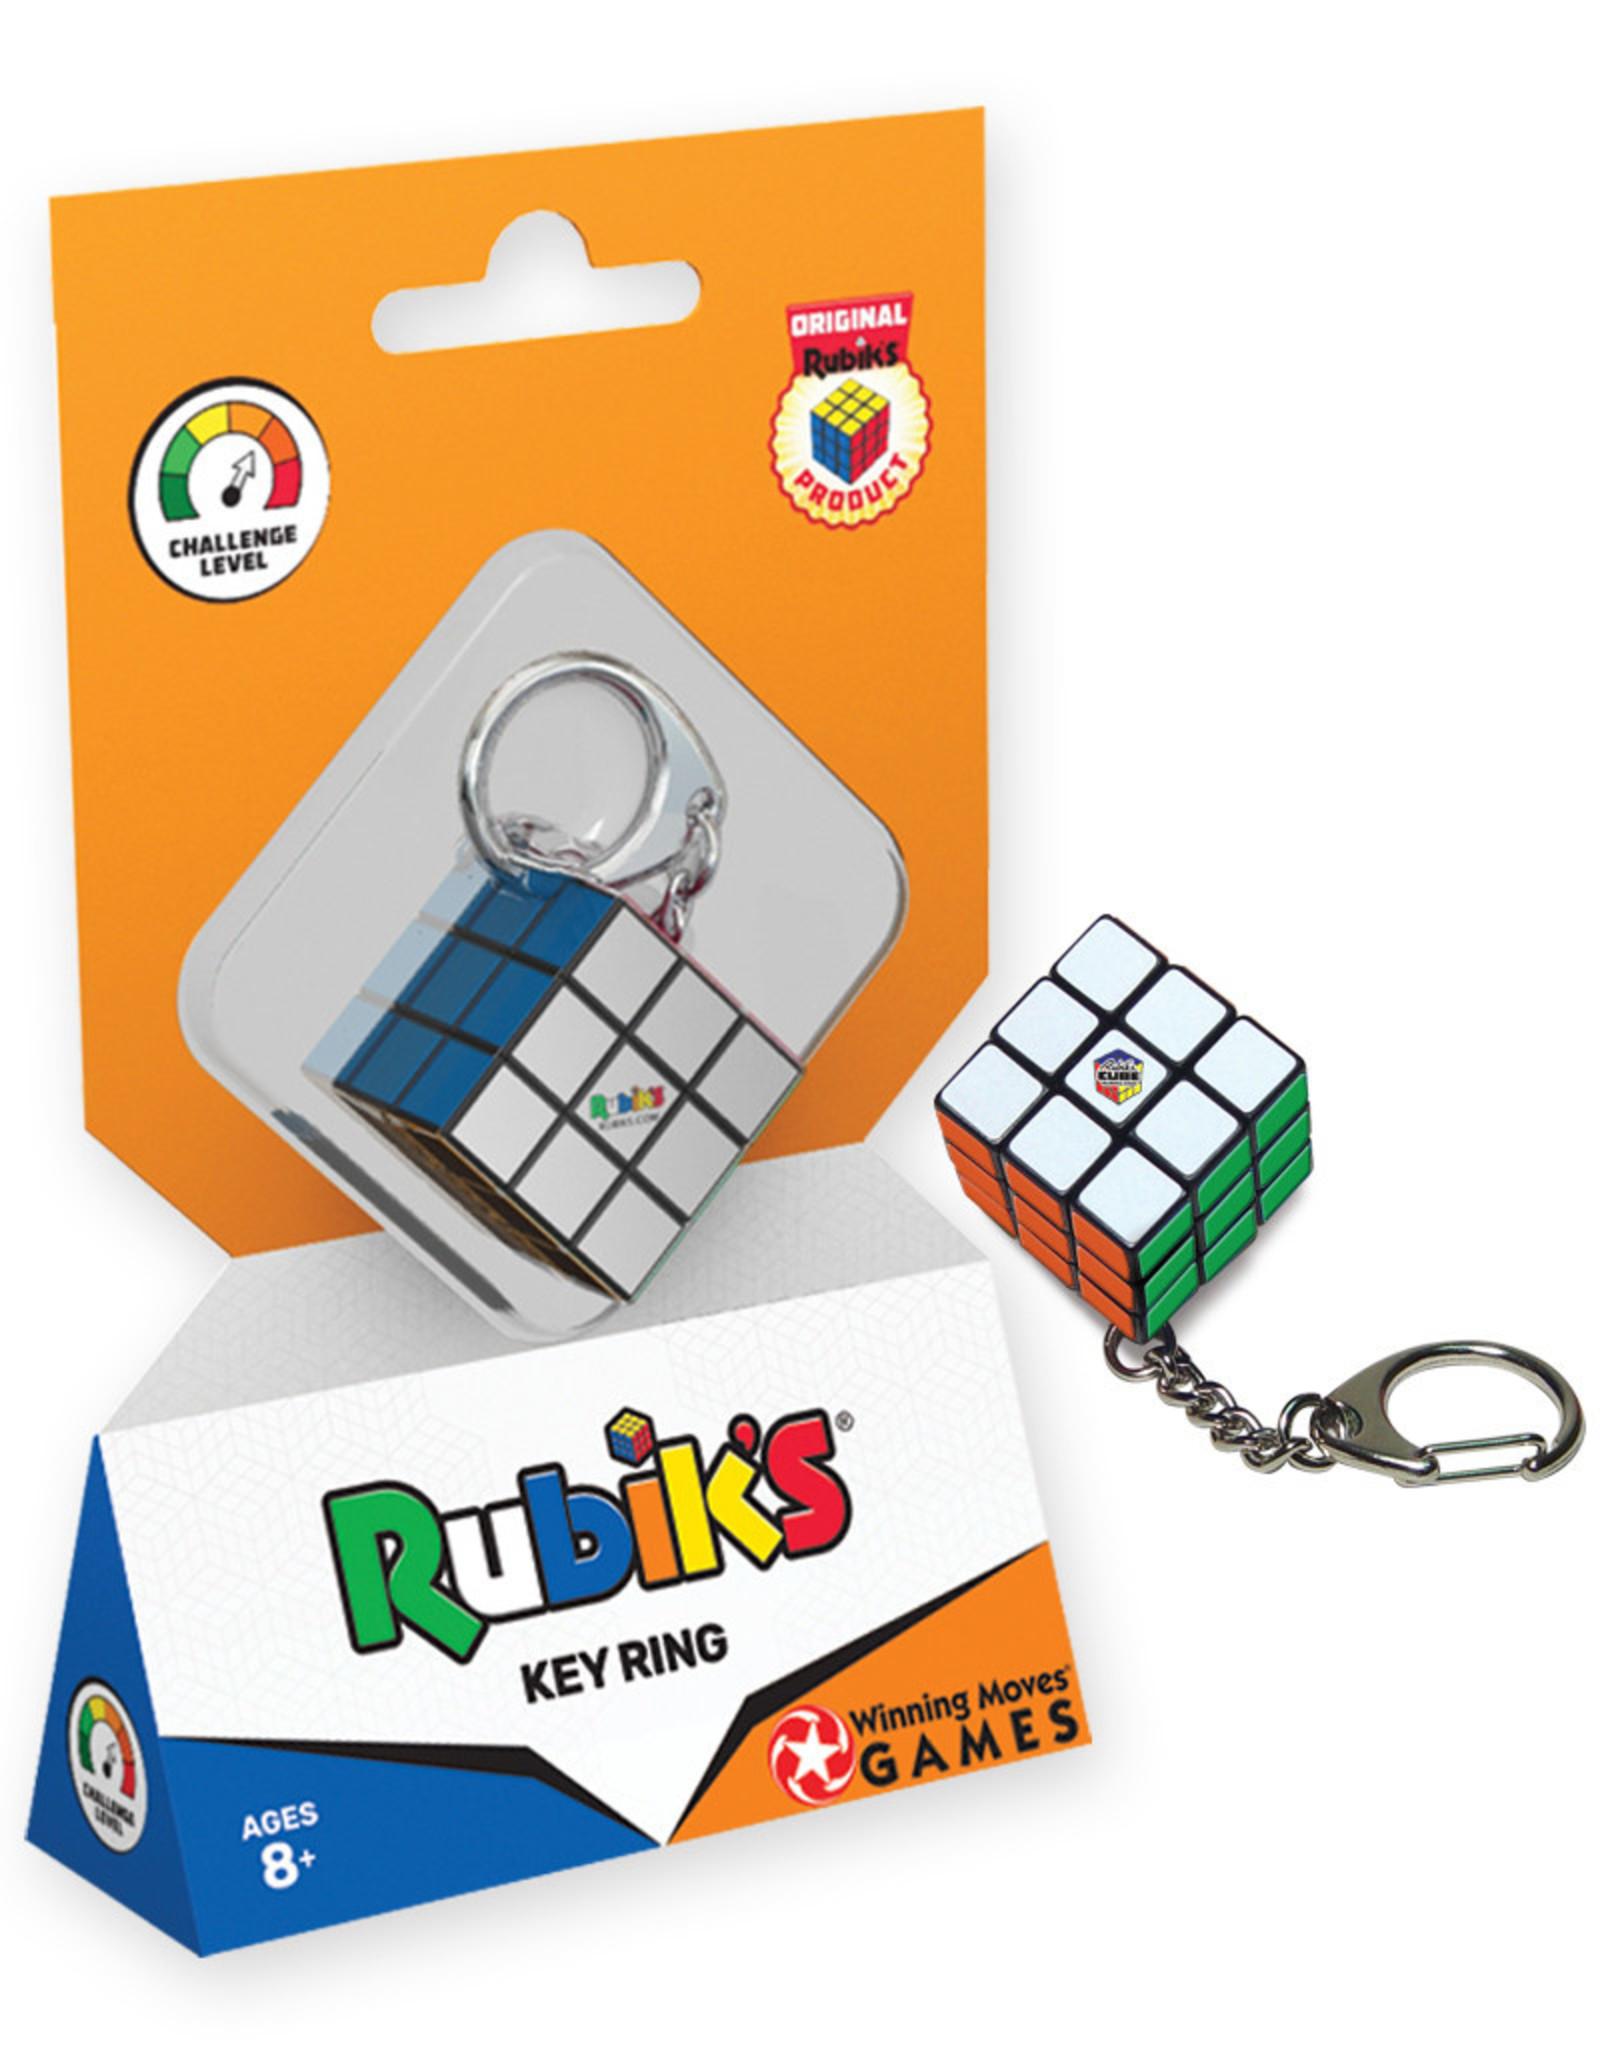 Rubik's Rubik's Key Ring